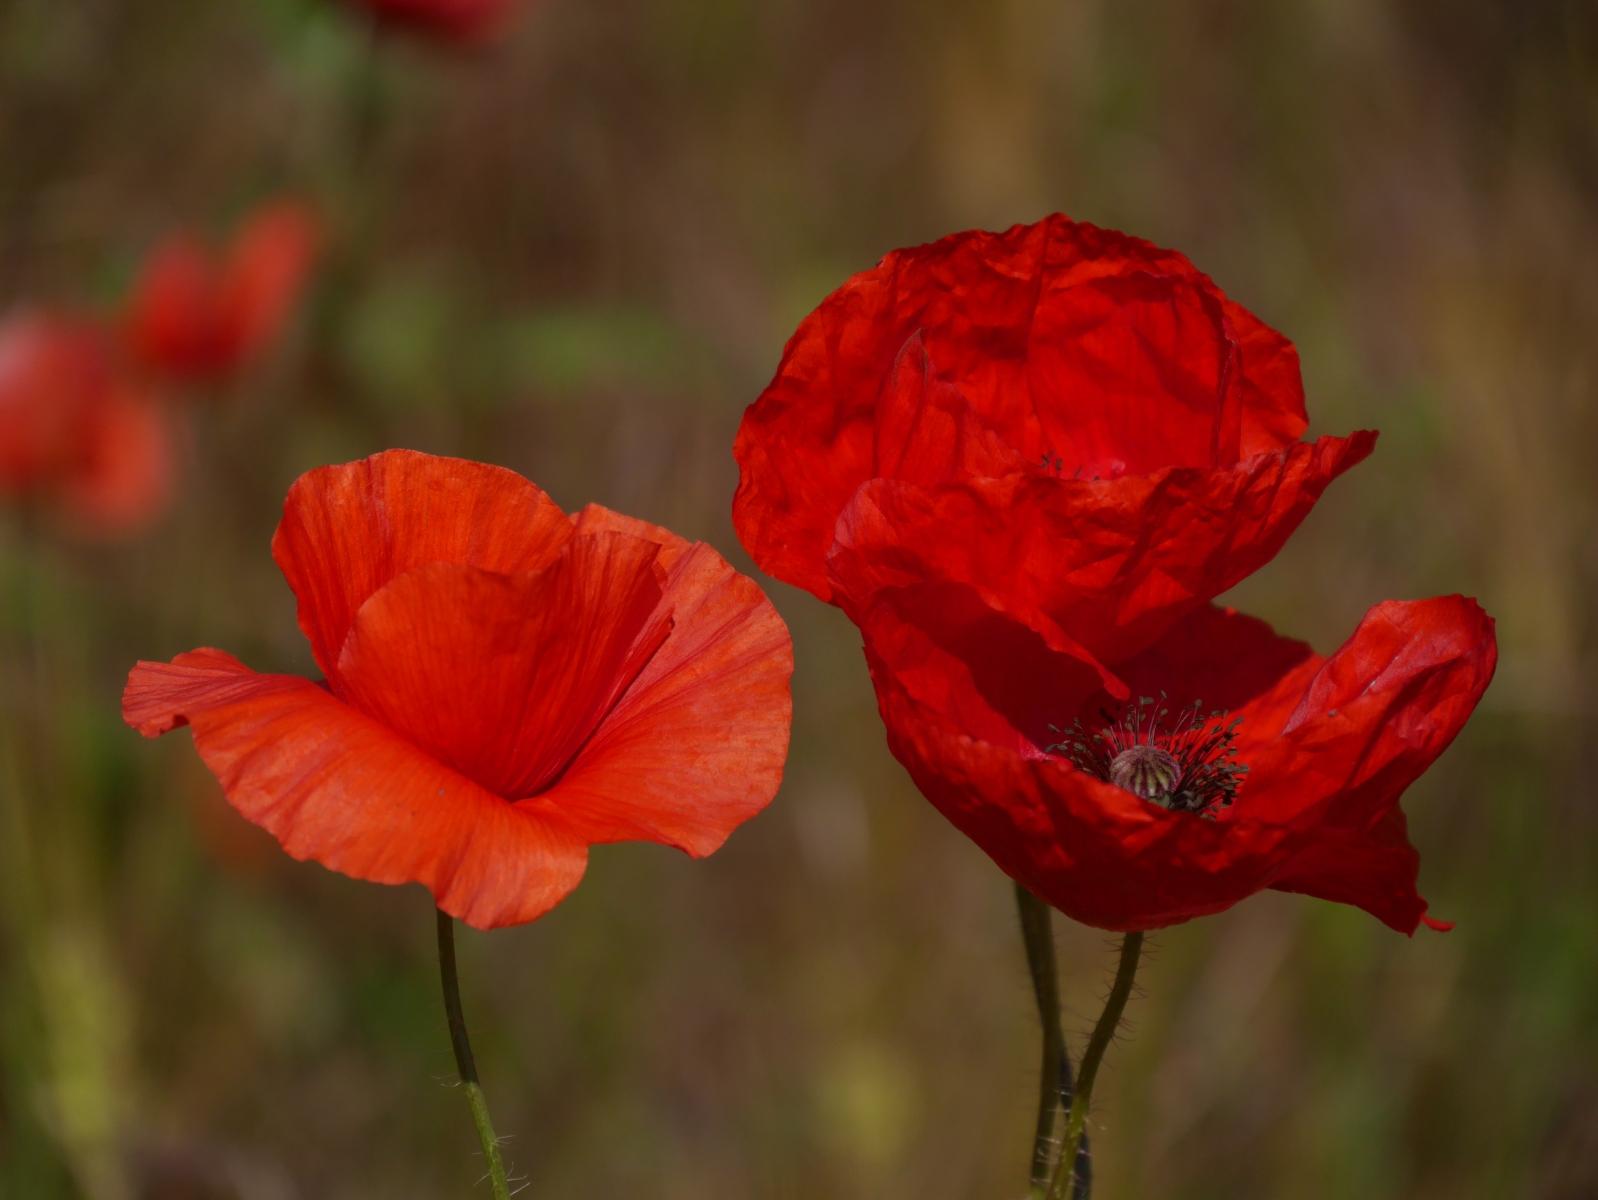 Leuchtend Rot bewegen sich die zarten Blütenblätter im Wind.